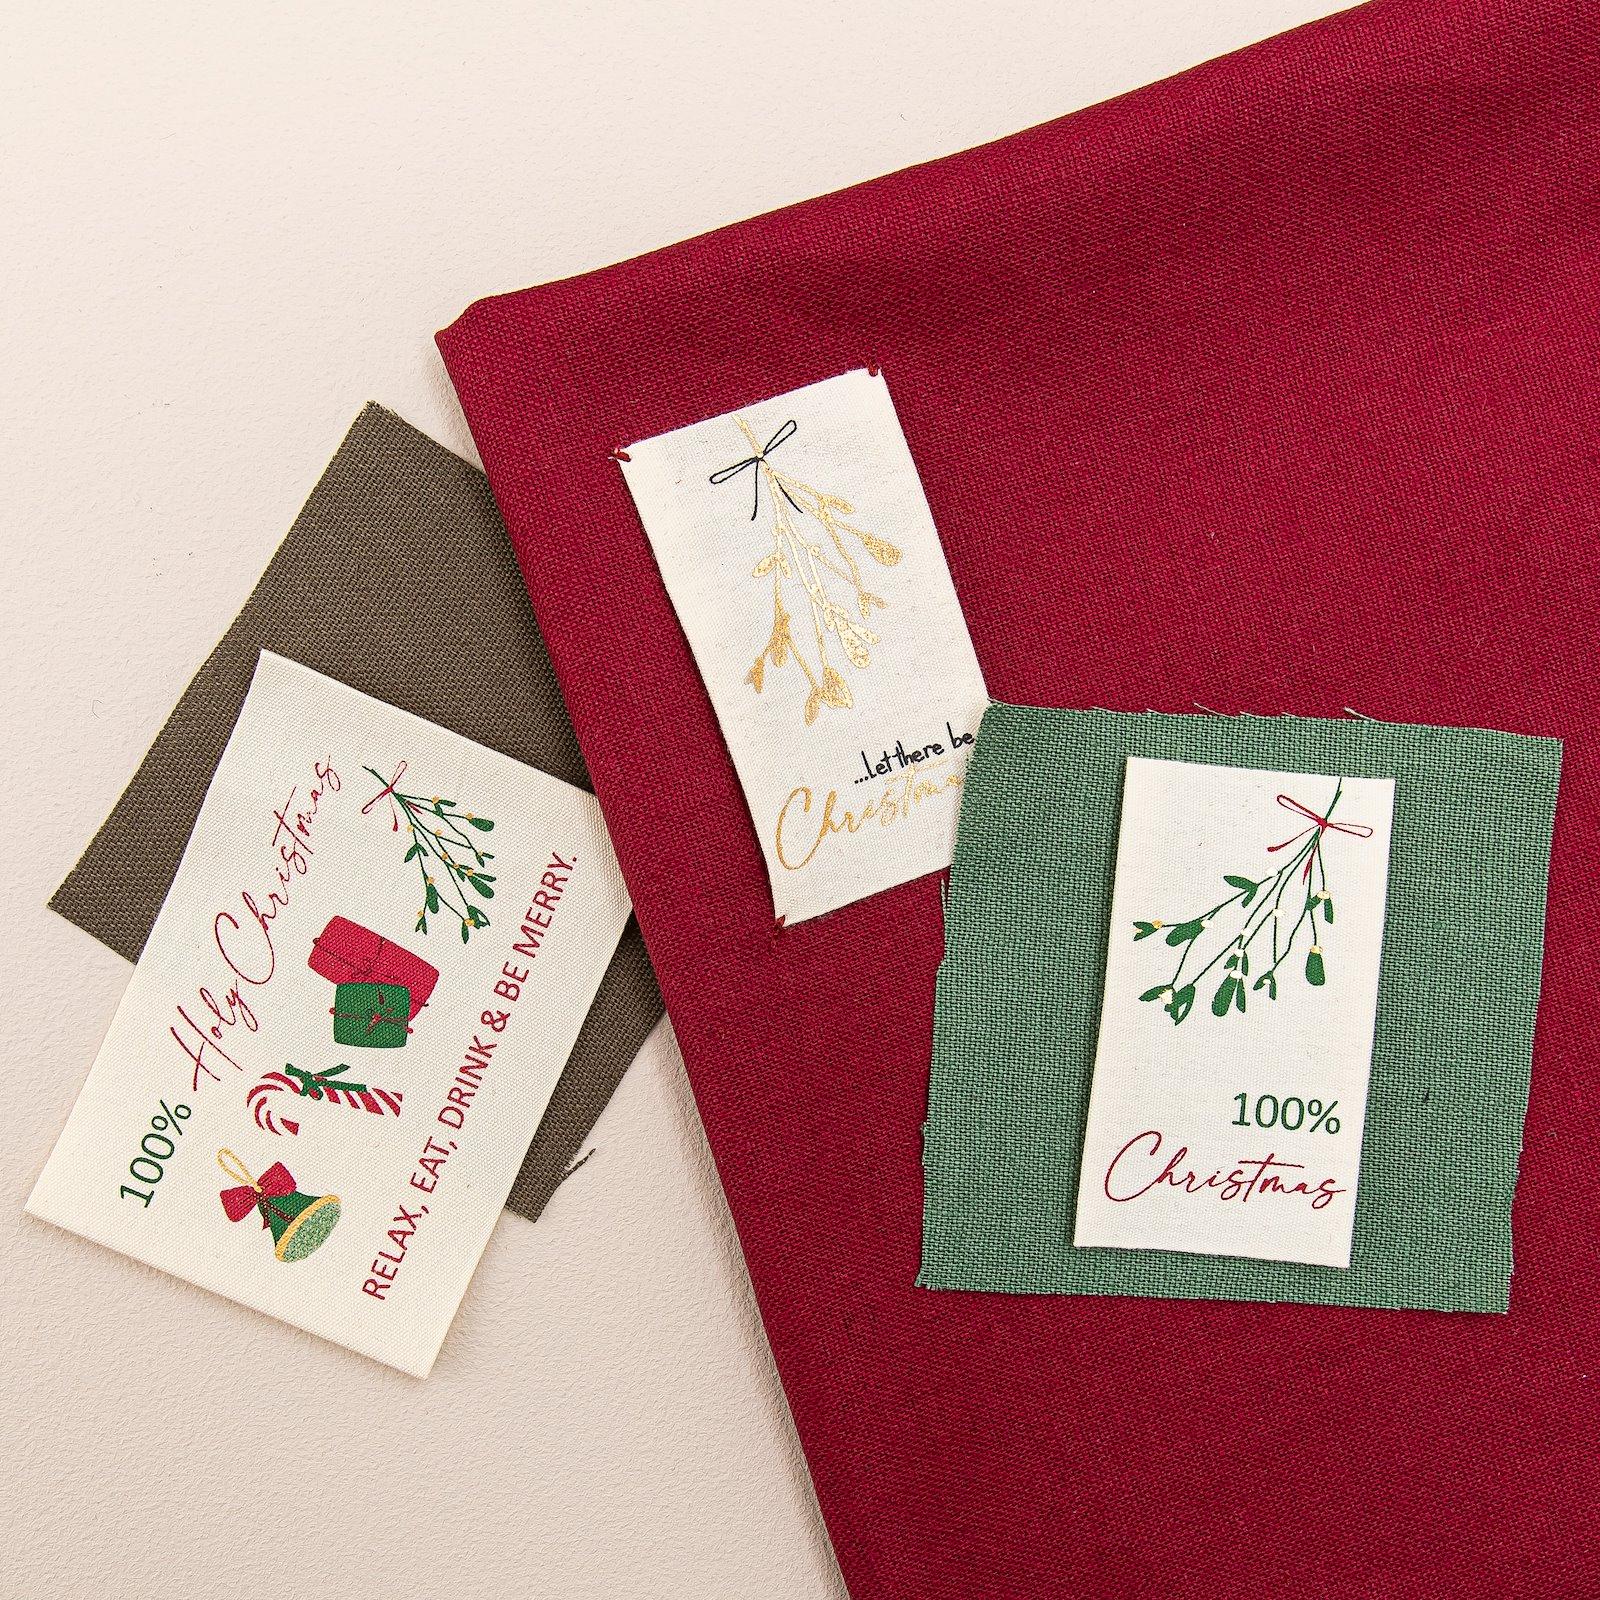 Linen/cotton bordeaux 410145_410130_410133_24860_24862_24861_bundle